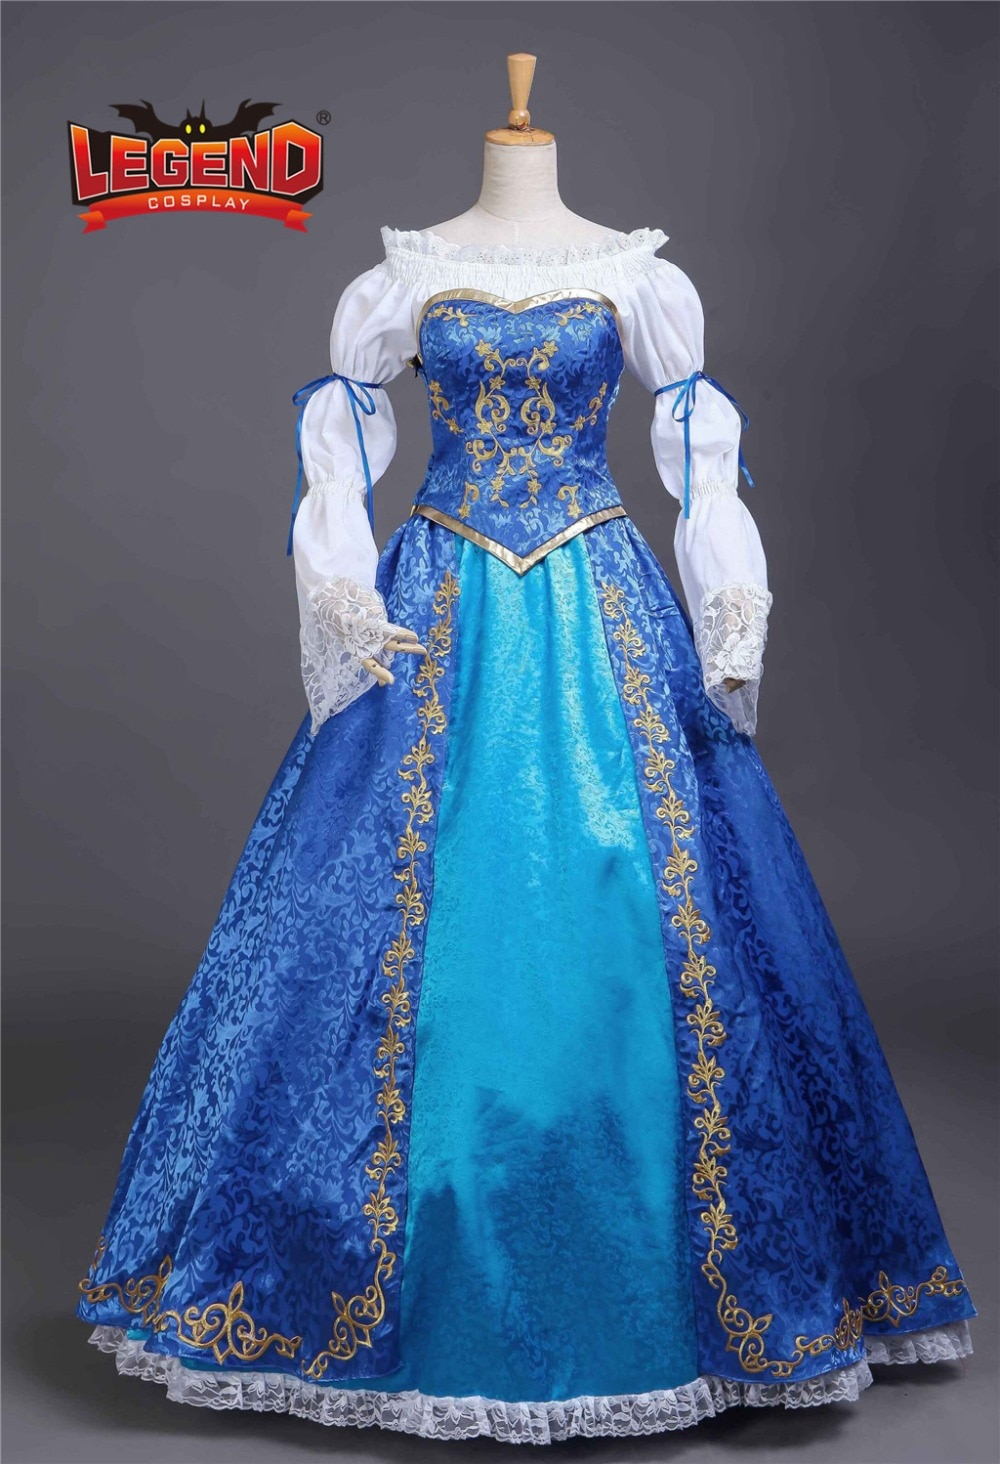 فستان الأميرة حورية البحر للكبار ، فستان الأميرة الأزرق الفاخر ، نسخة دمية للبالغين ، تأثيري ، مصممة خصيصًا